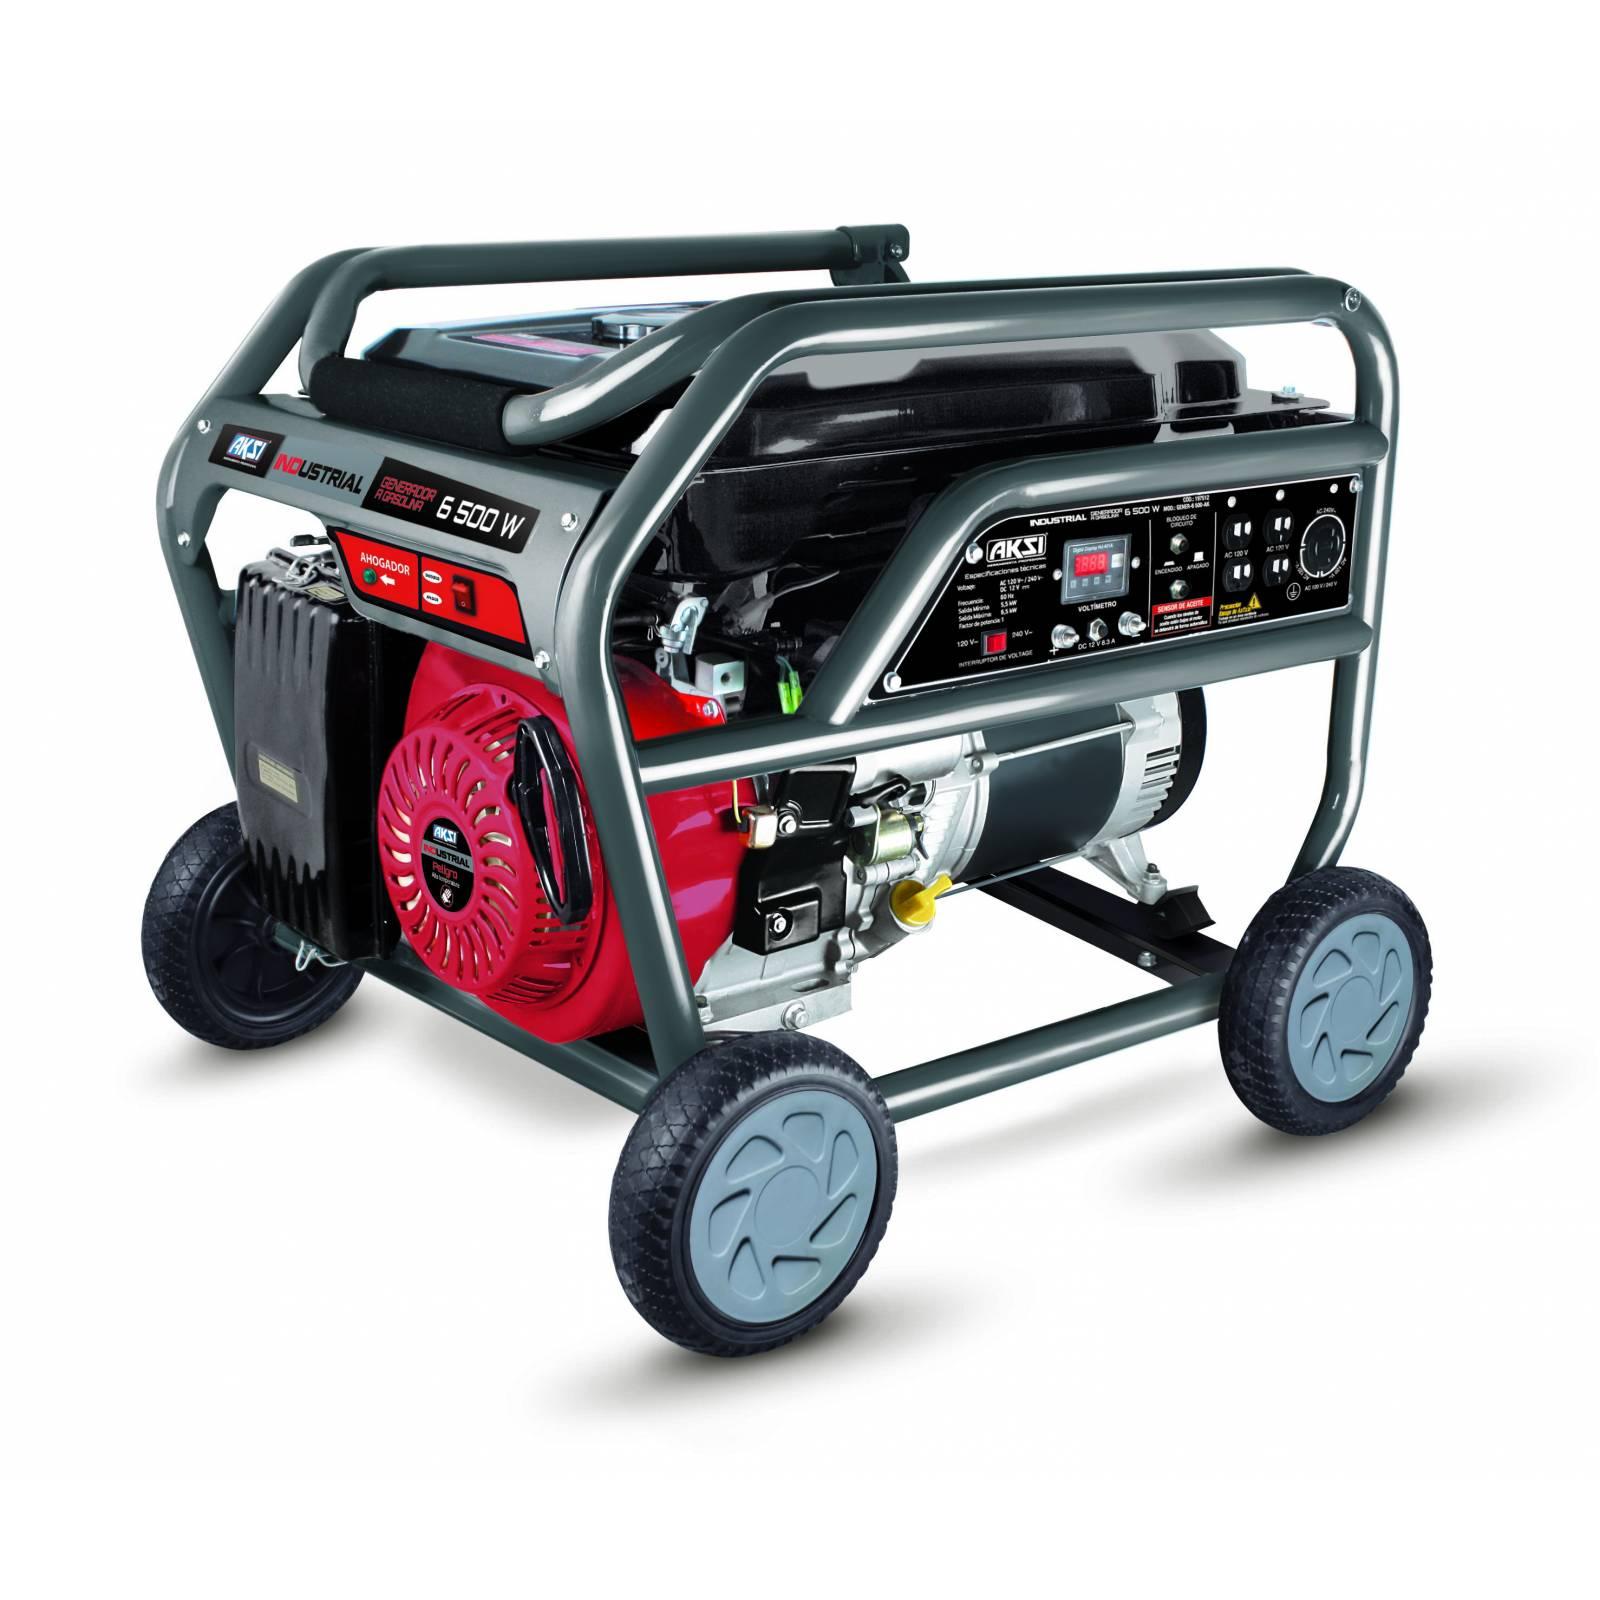 Generador Aksi Gasolina 6500w Industrial